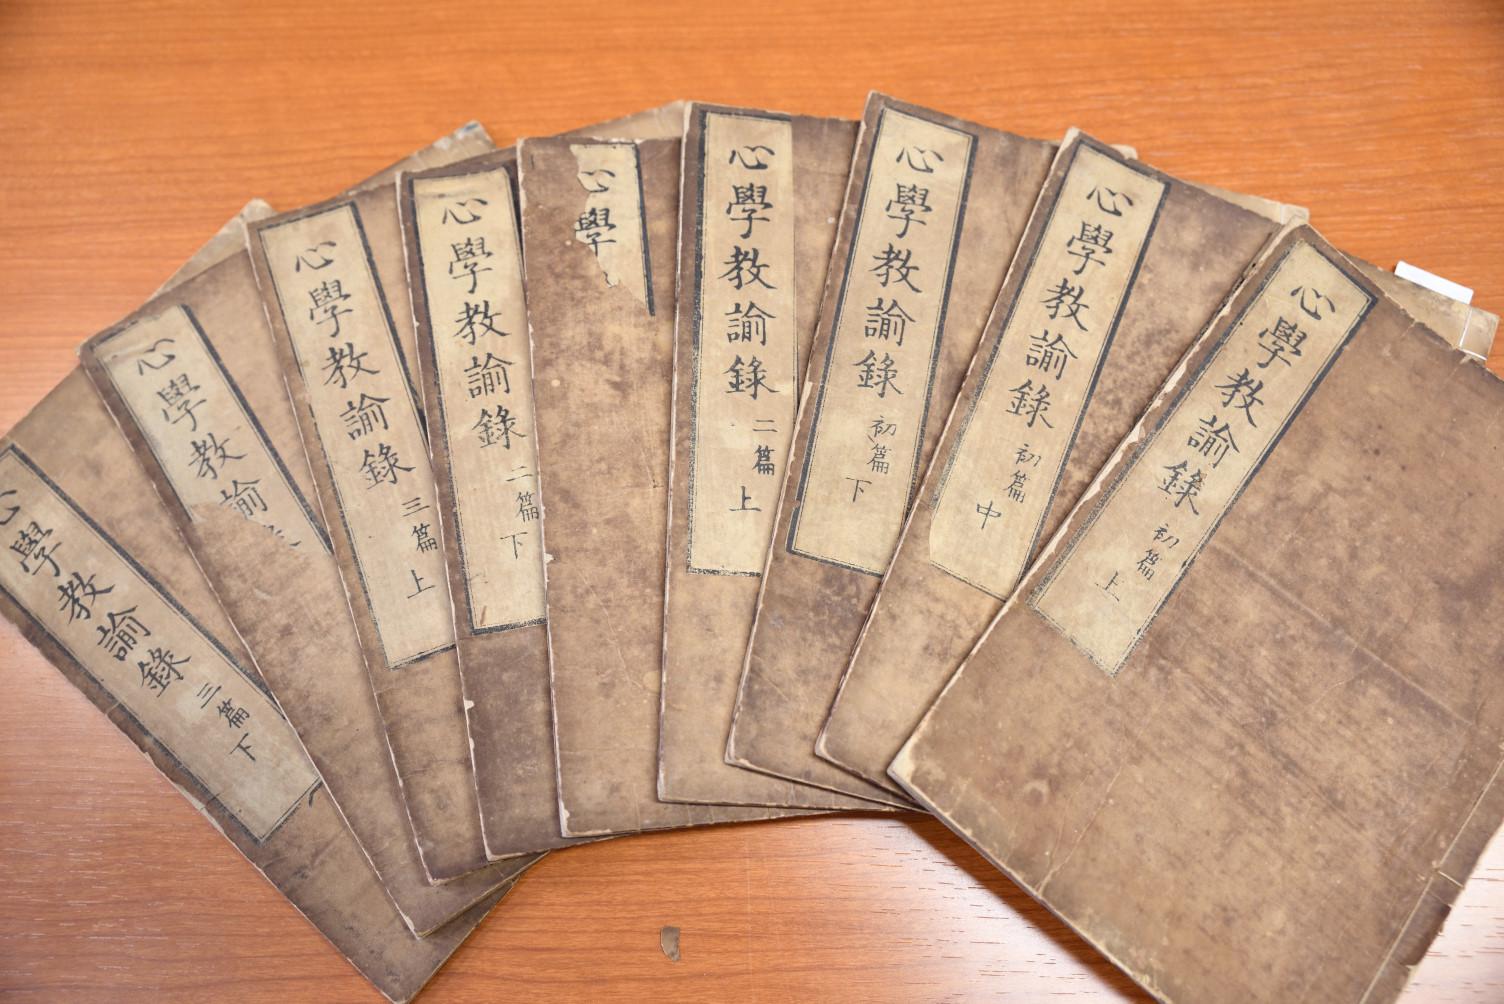 高塩氏所有の、人足寄場での心学道話を収載した「心學教諭錄」(しんがくきょうゆろく)。